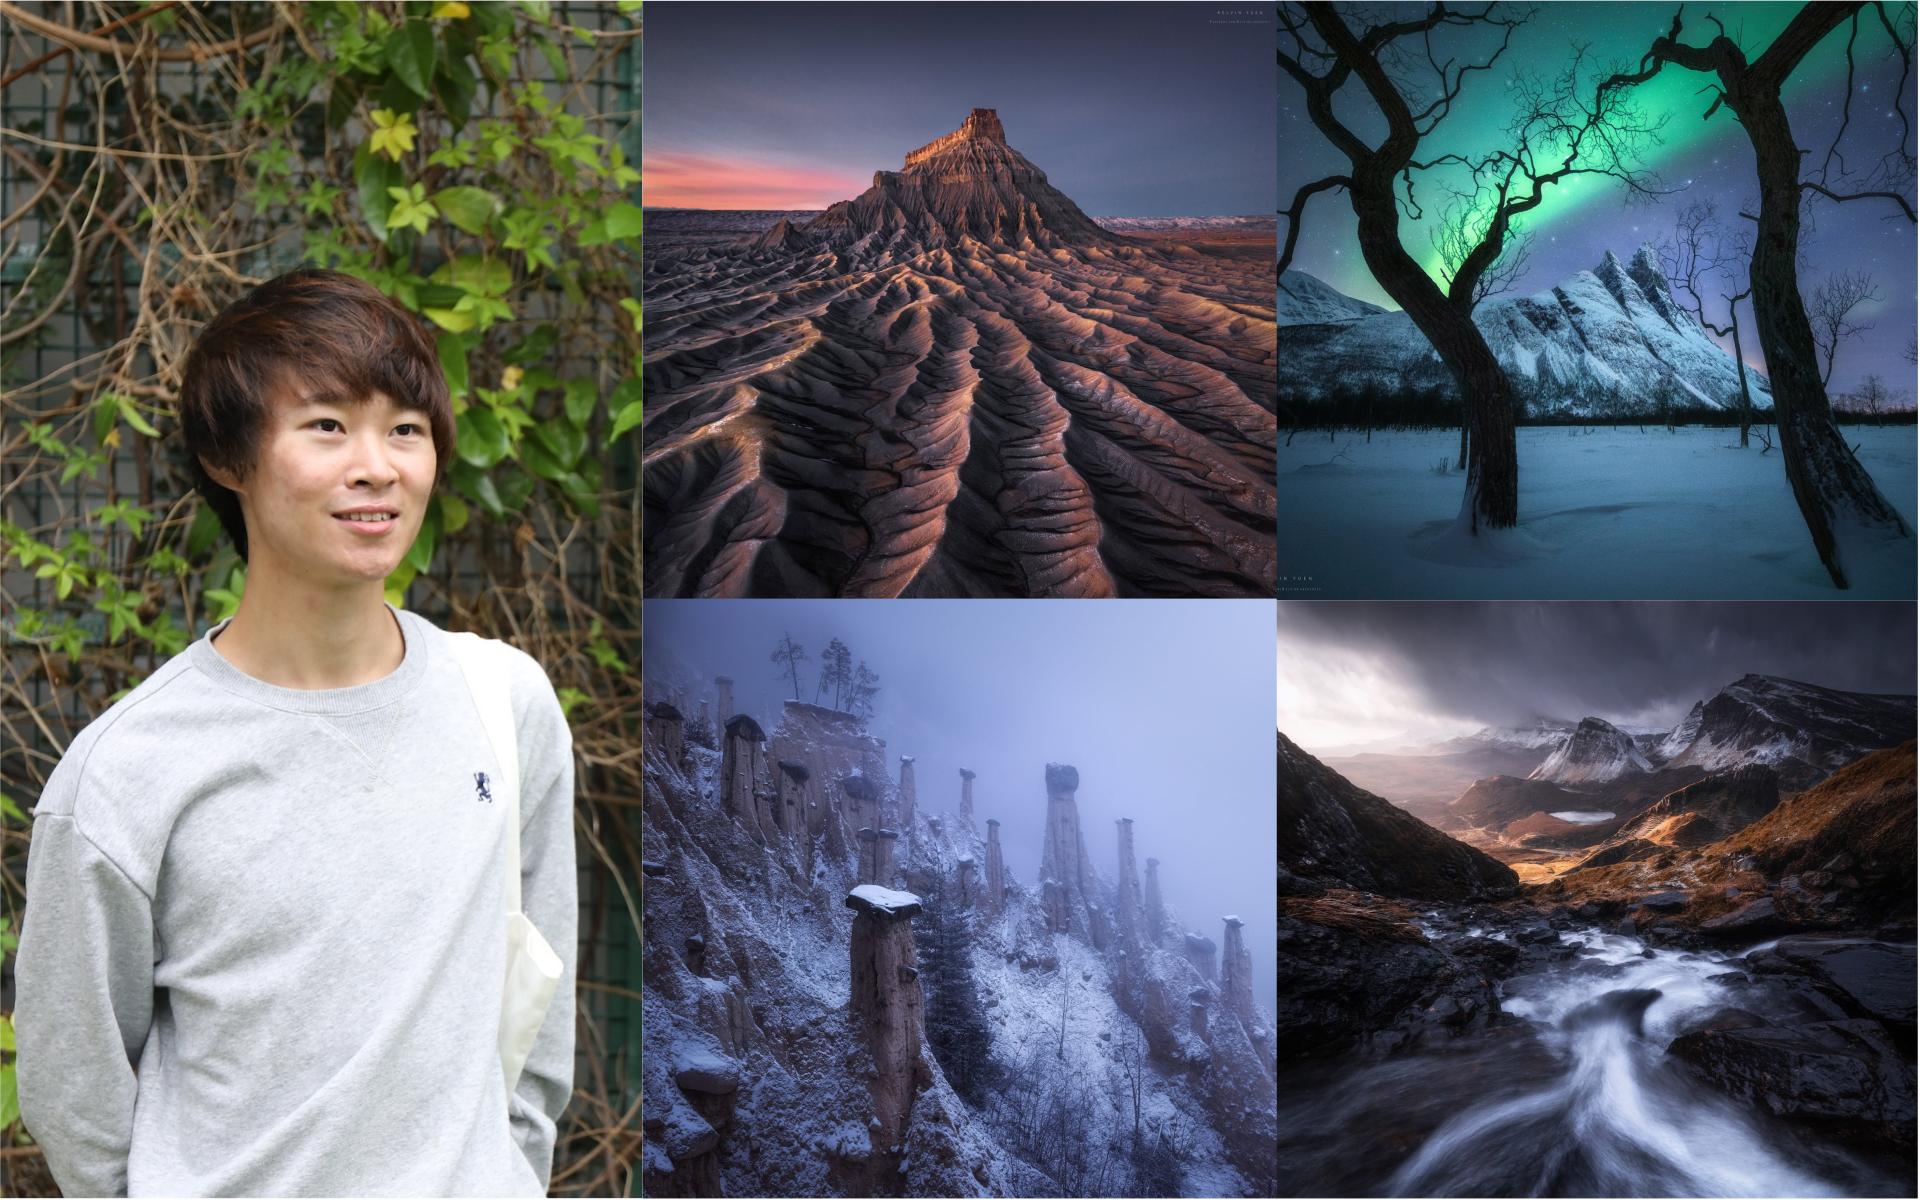 上集:港產國際年度風景攝影師 袁斯樂細說獲獎作品背後故事